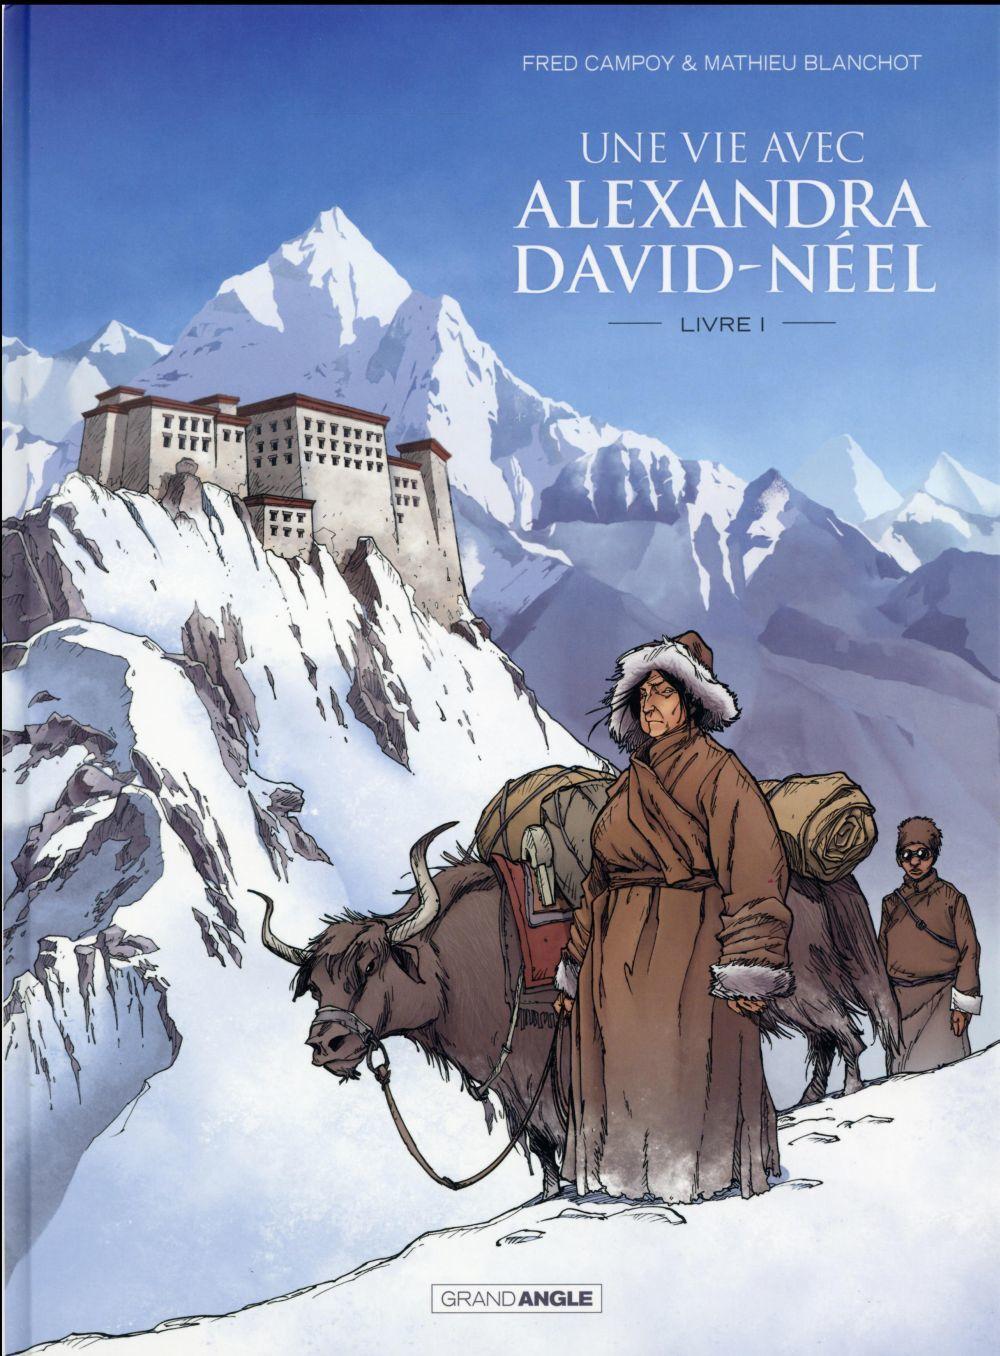 """BD """"Une vie avec Alexandra David-Néel"""" Livres 1 et 2, de Fred Campoy & Mathieu Blanchot"""